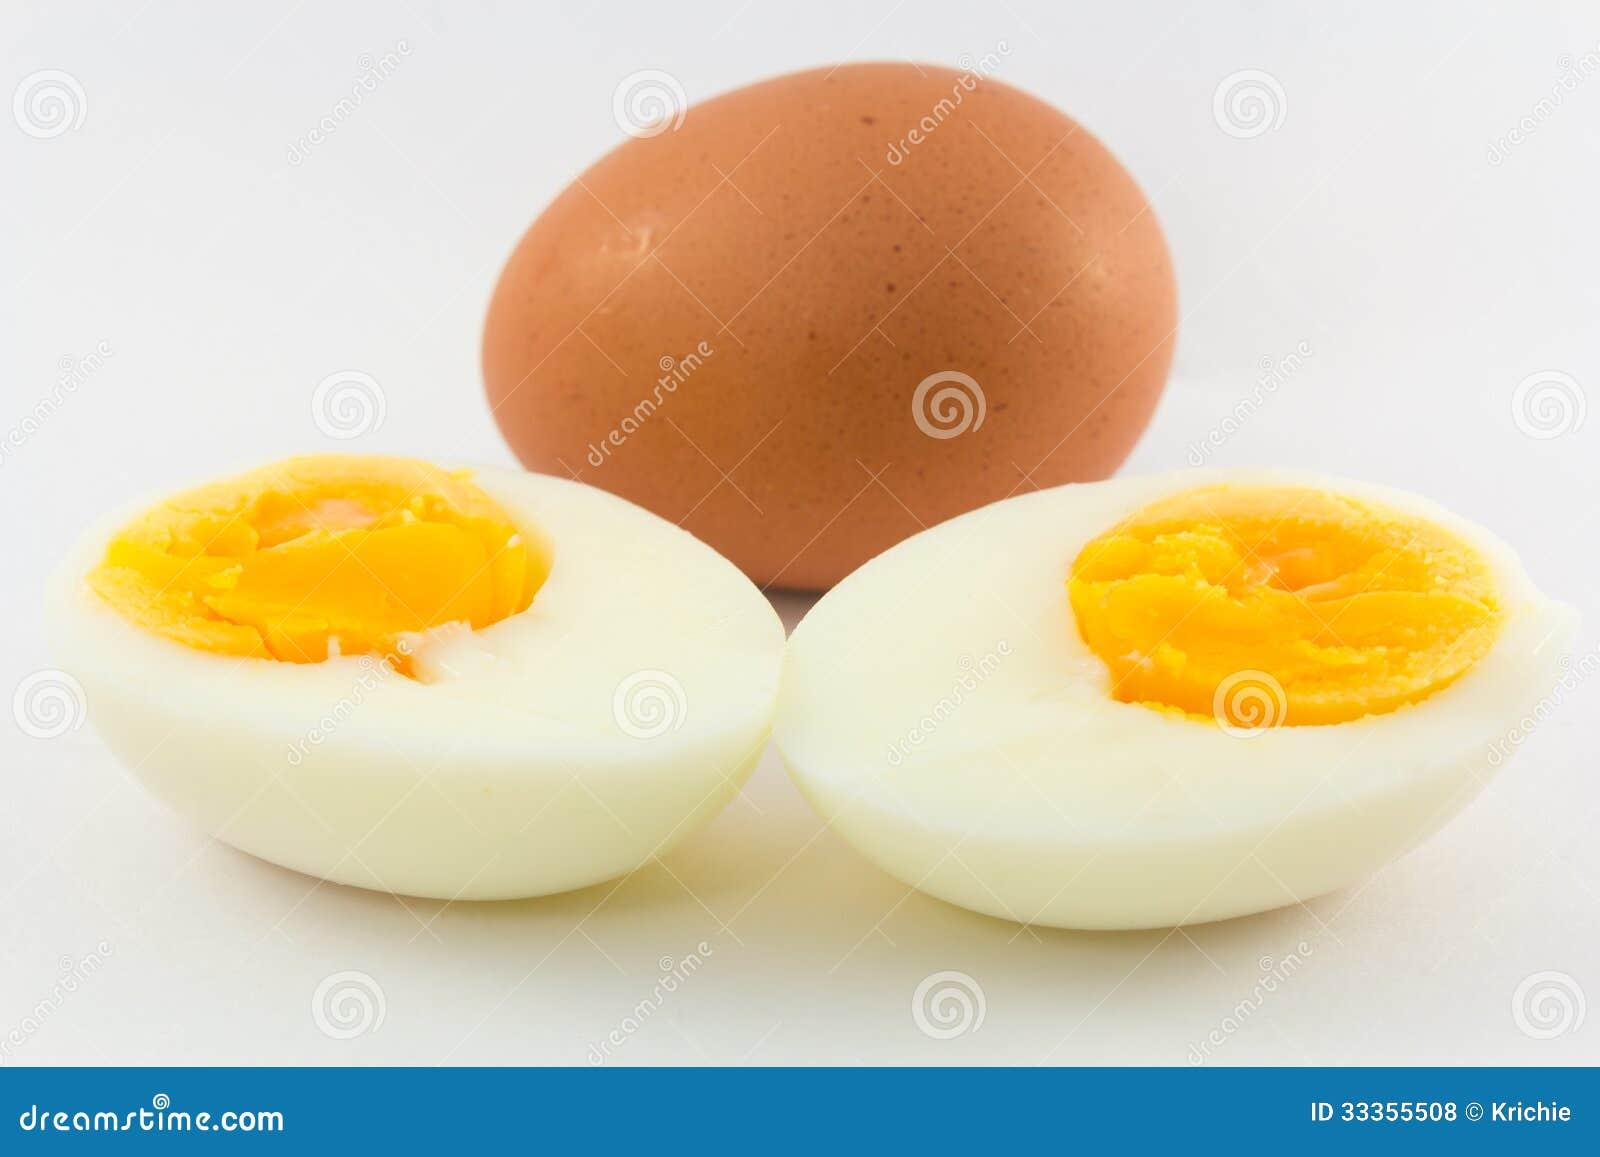 Gekochte eier stockfoto bild von schnitt bestandteil - Eier hart kochen ohne anstechen ...